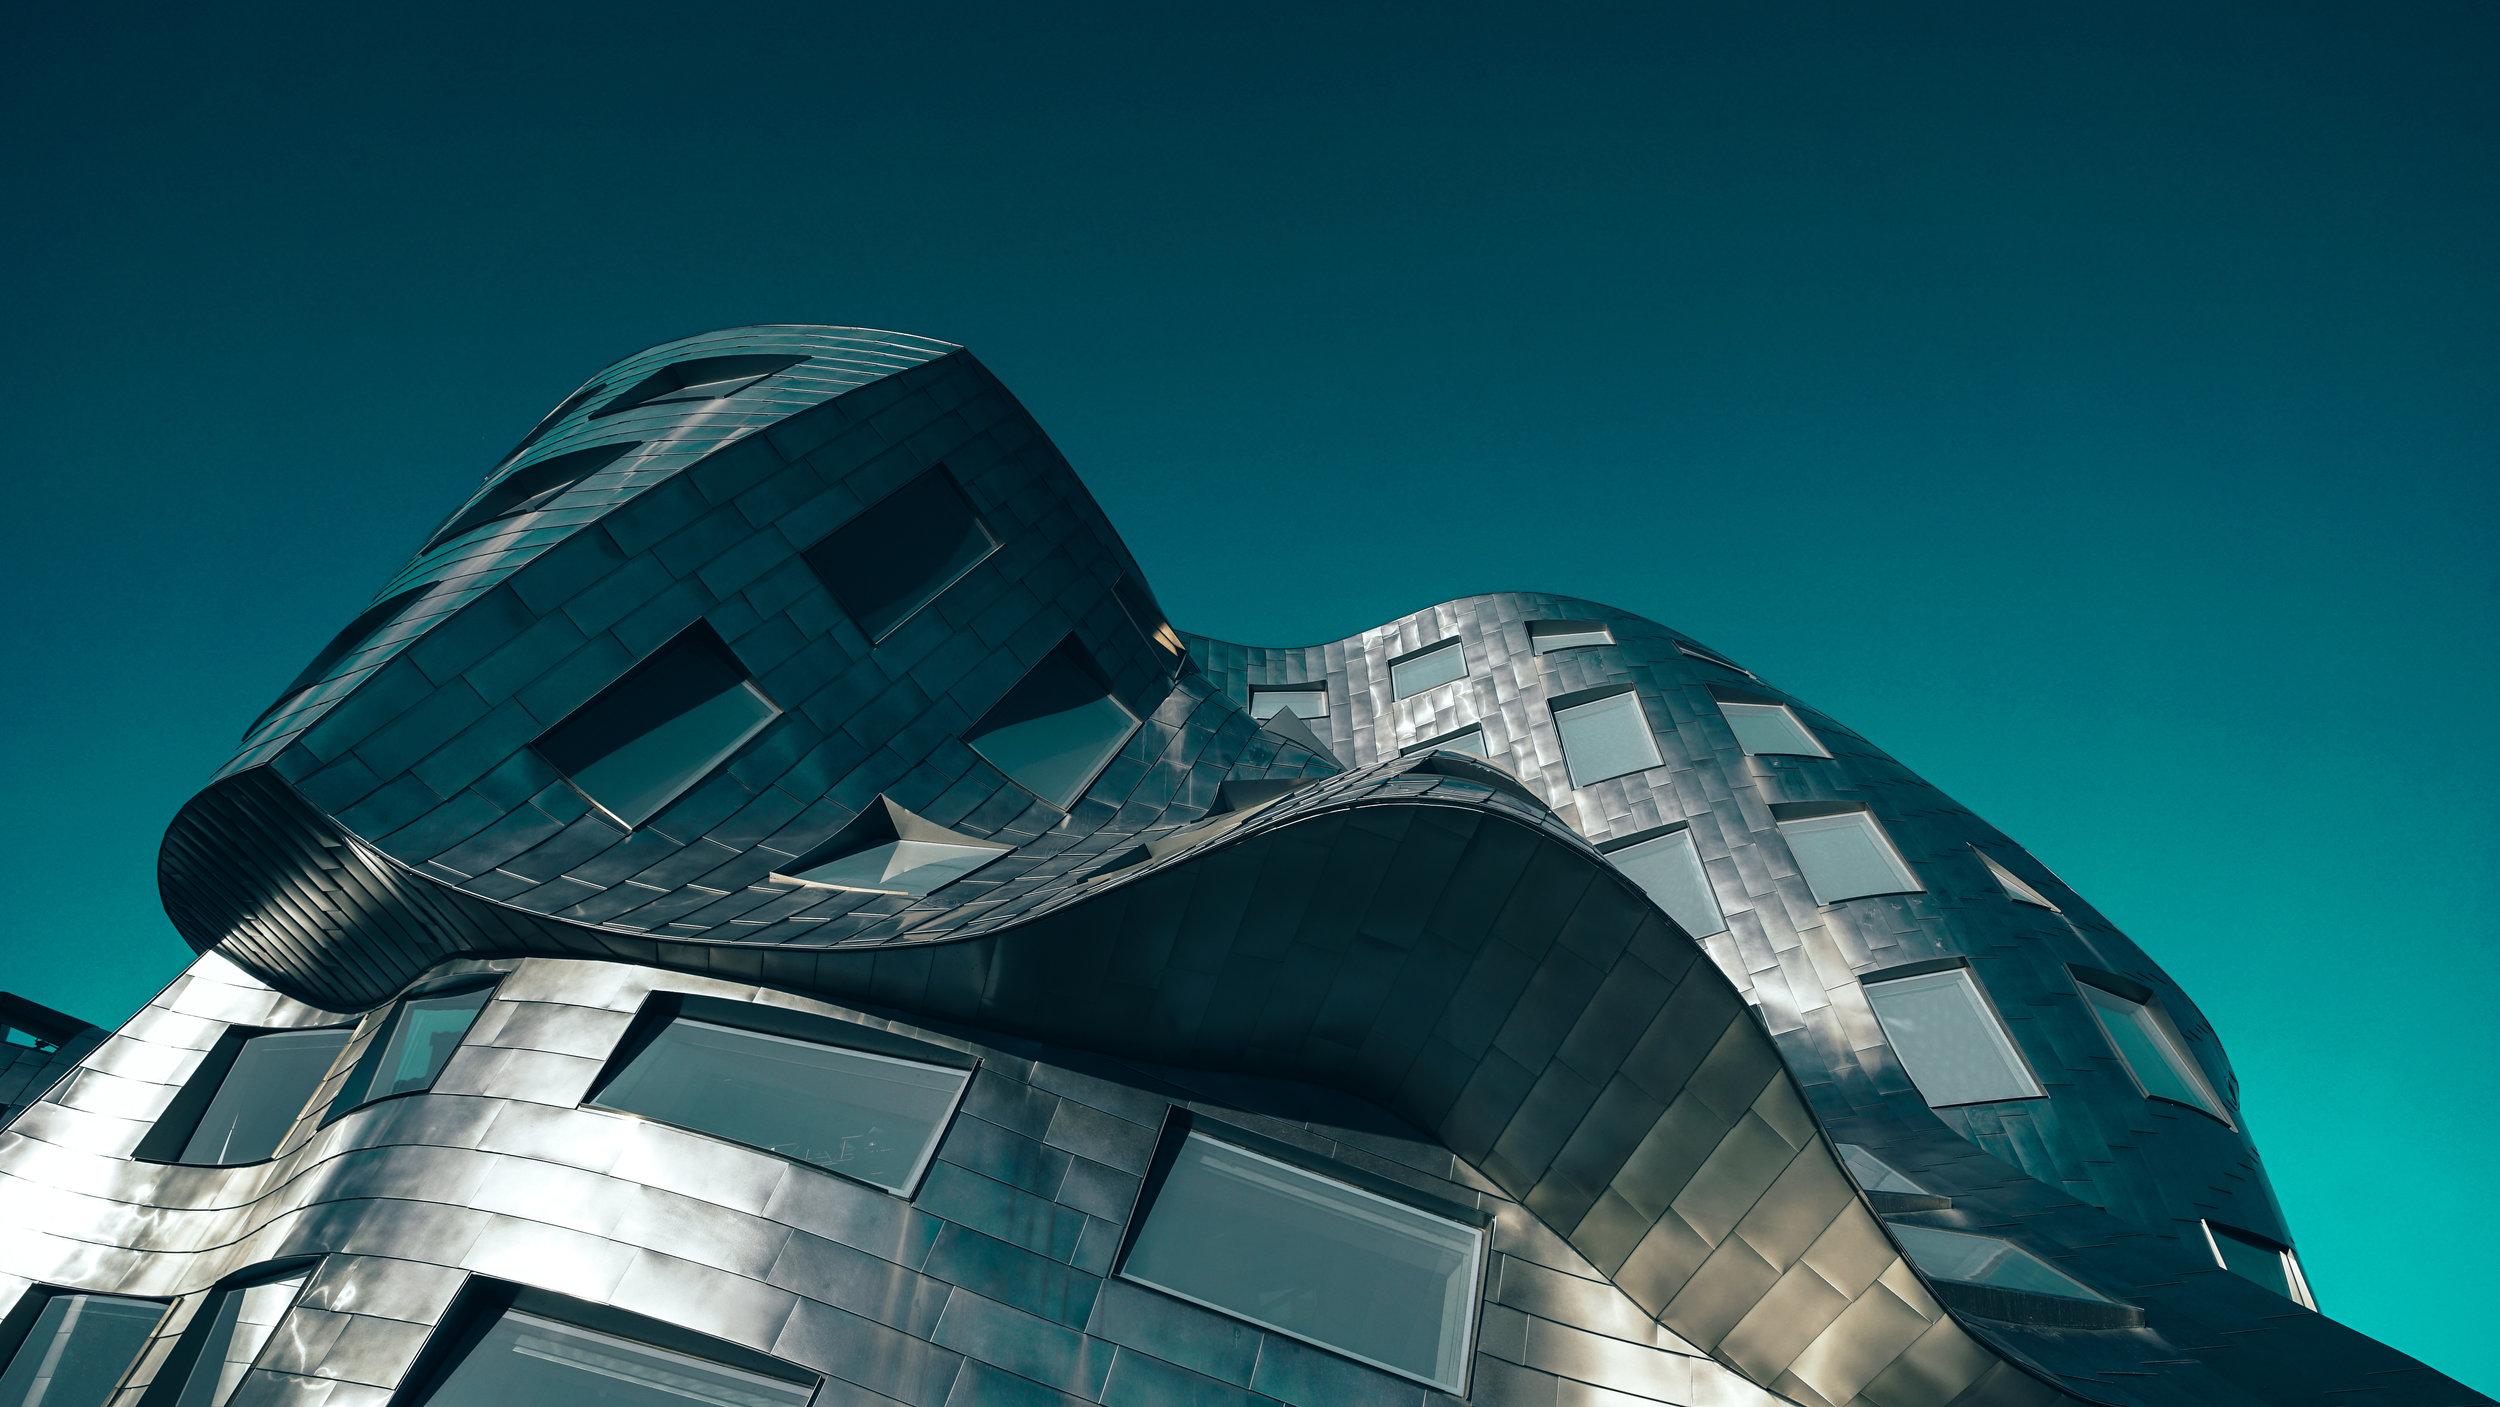 Frank Gehry Building Las Vegas | Zeiss Lenspire